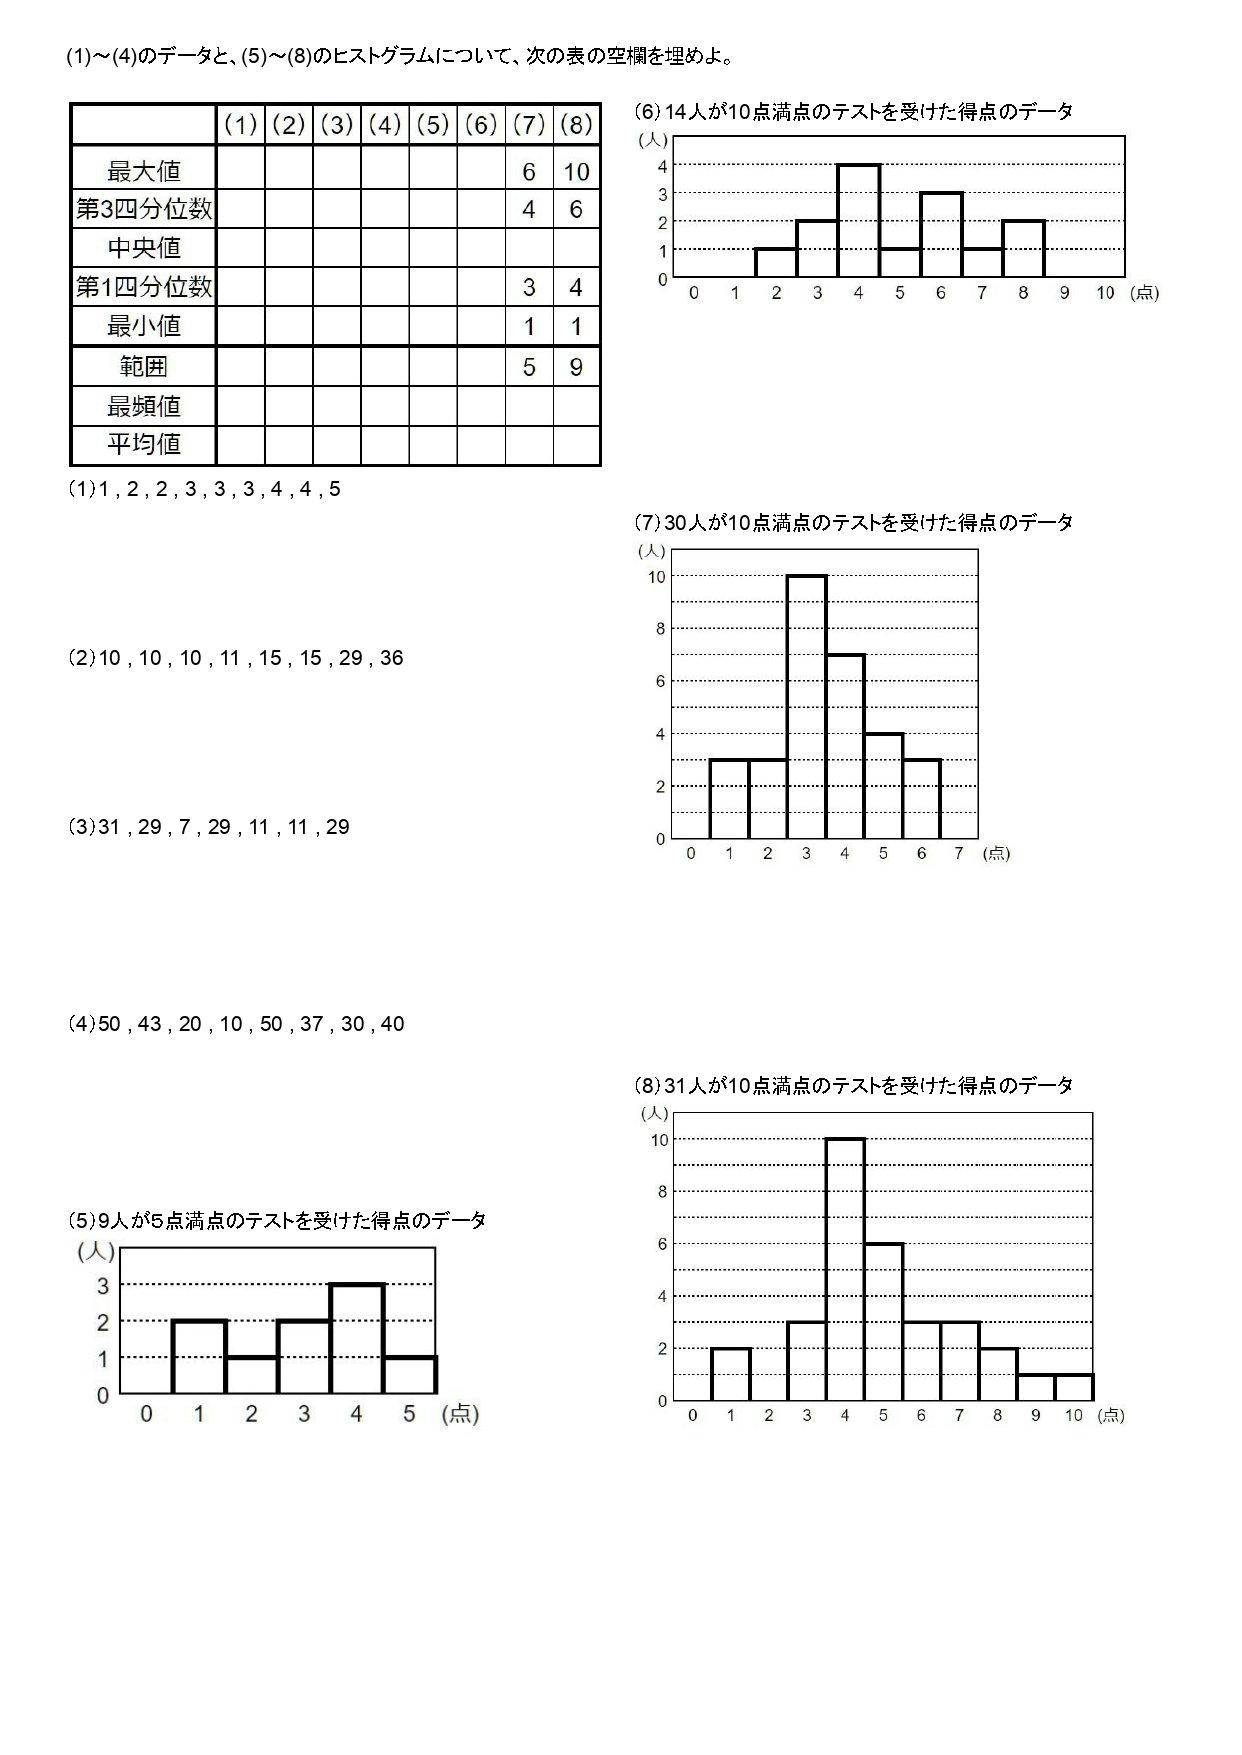 データ各名称の基本